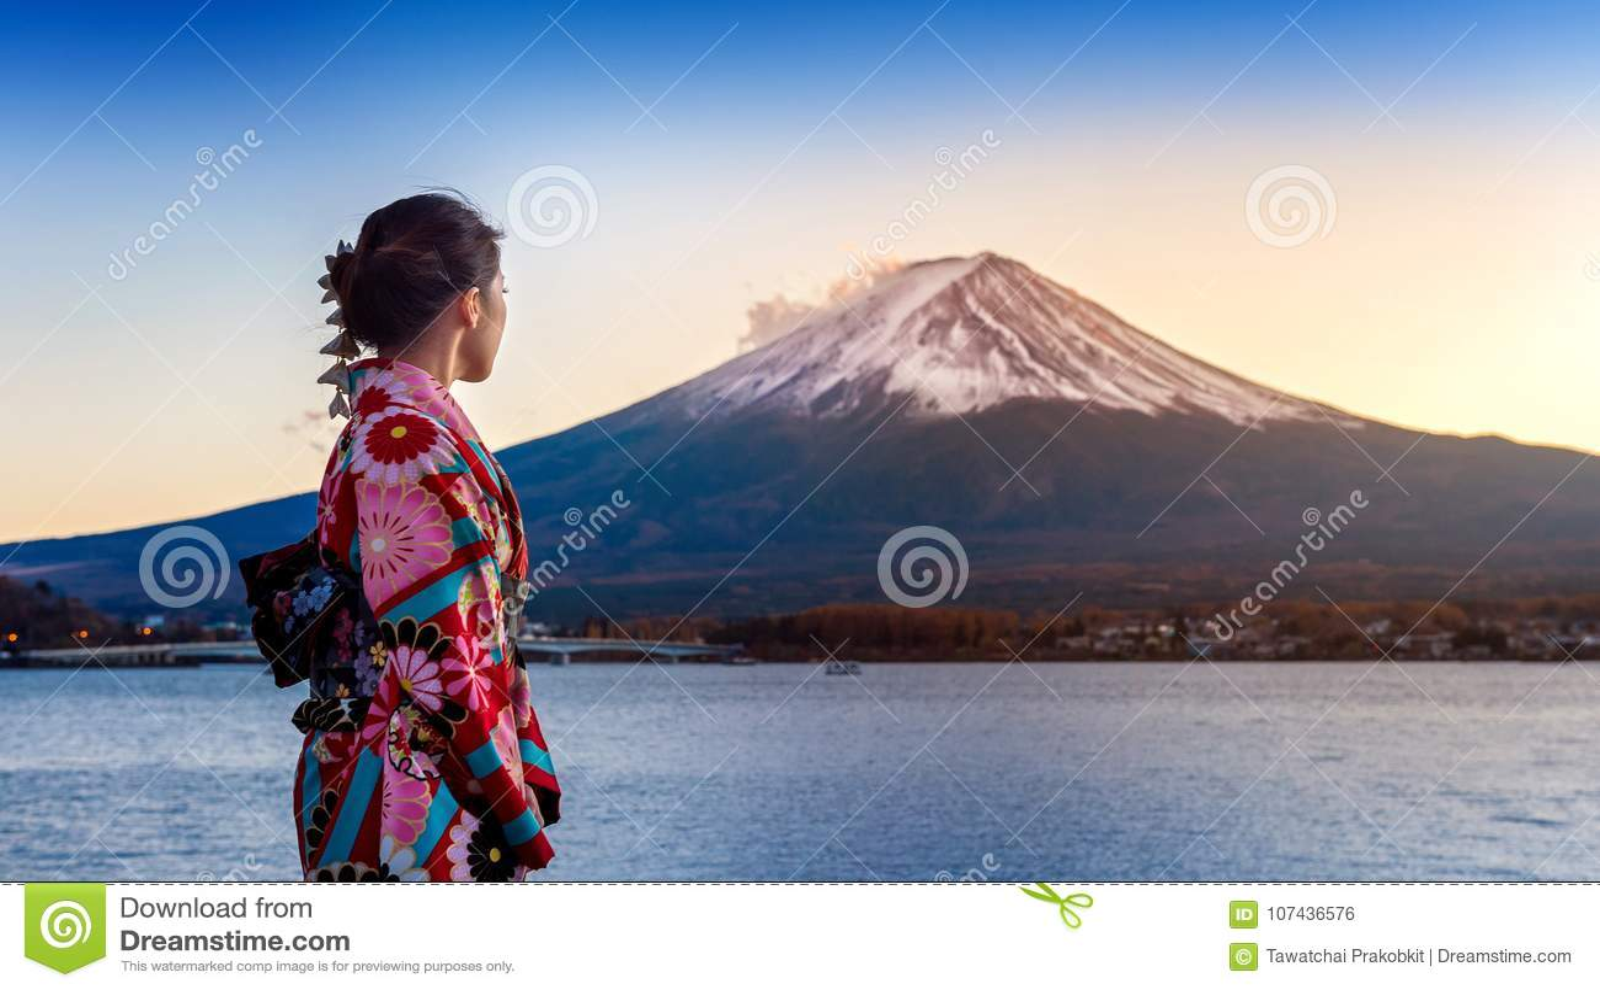 Ασιατική γυναίκα που φορά το ιαπωνικό παραδοσιακό κιμονό στο βουνό του Φούτζι Ηλιοβασίλεμα στη λίμνη Kawaguchiko στην Ιαπωνία